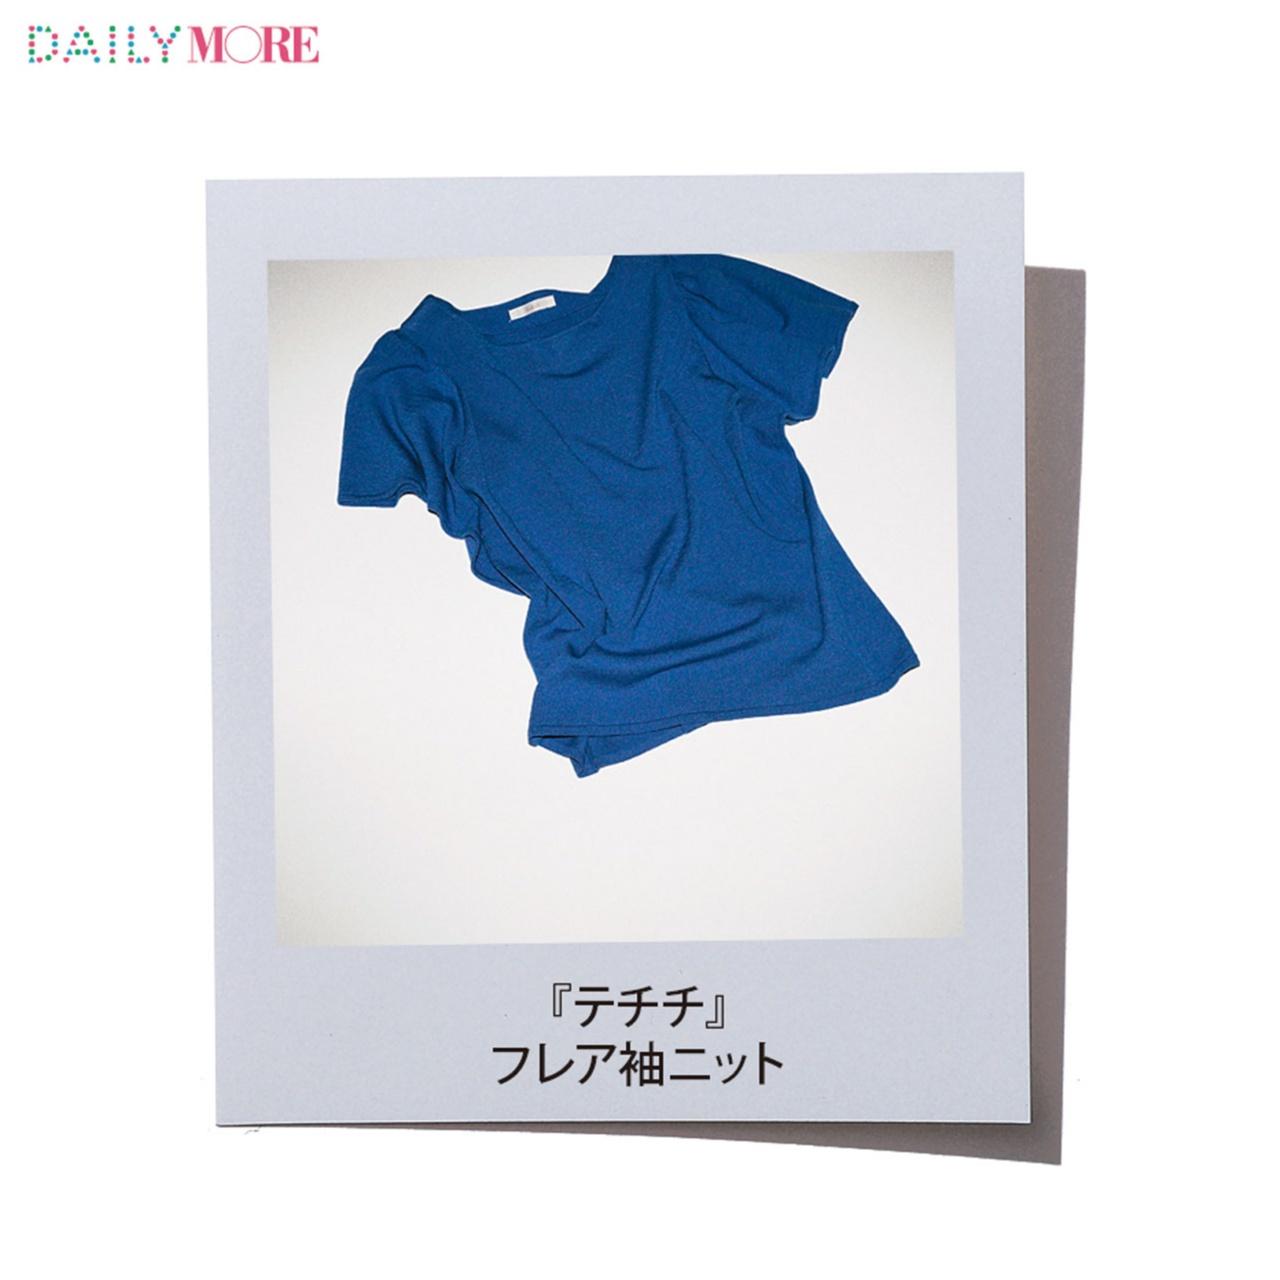 【隠れた名品、あなたは知ってた?】人気ブランドの「本当に売れてる服」が、実は意外と知られてない件。_1_1